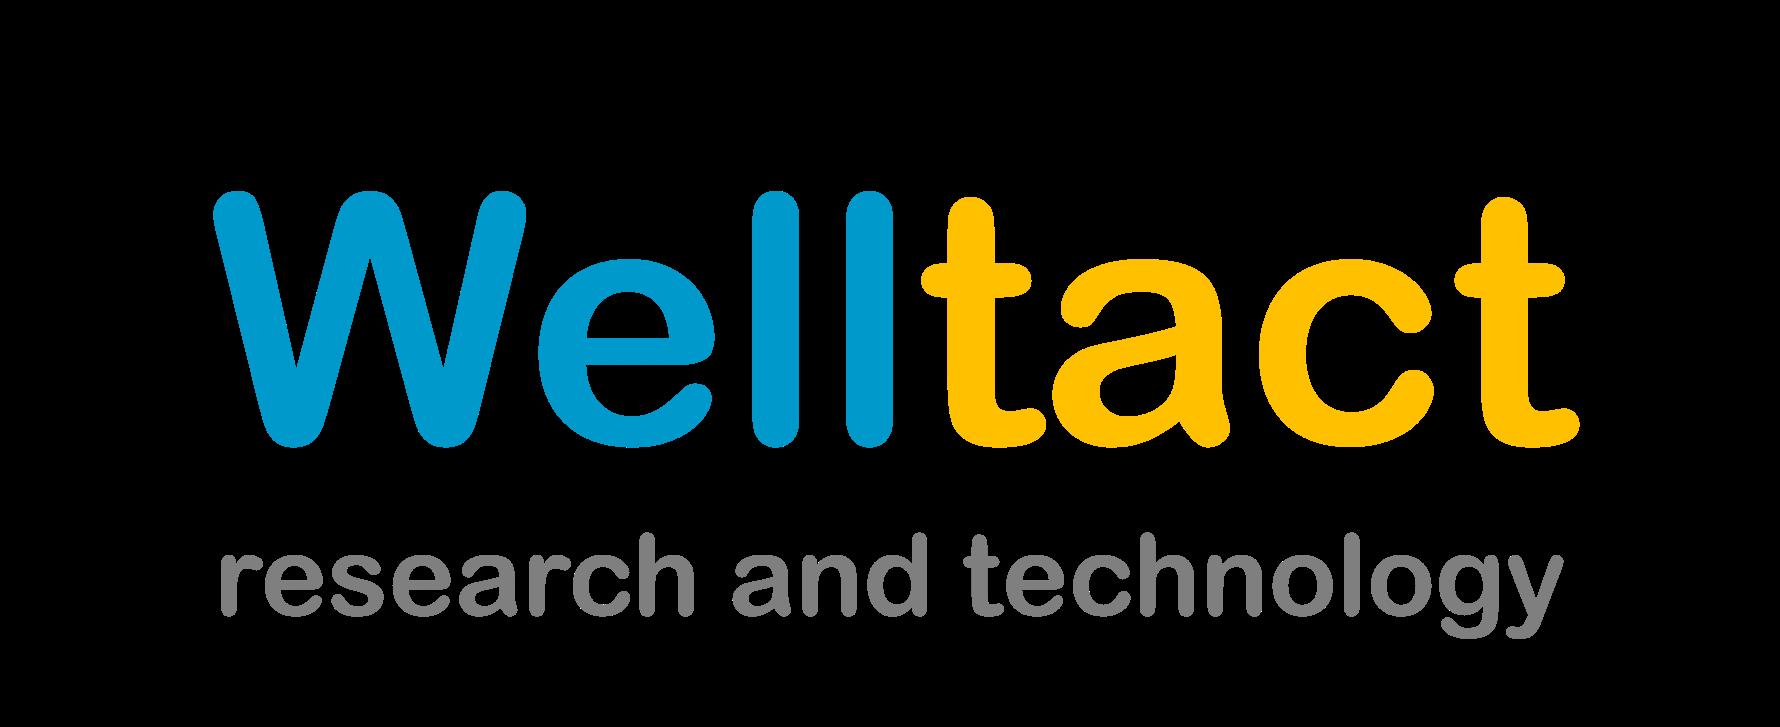 医療コンサル   ウェルタクトリサーチアンドテクノロジー株式会社   Welltact   Nagoya   名古屋   愛知